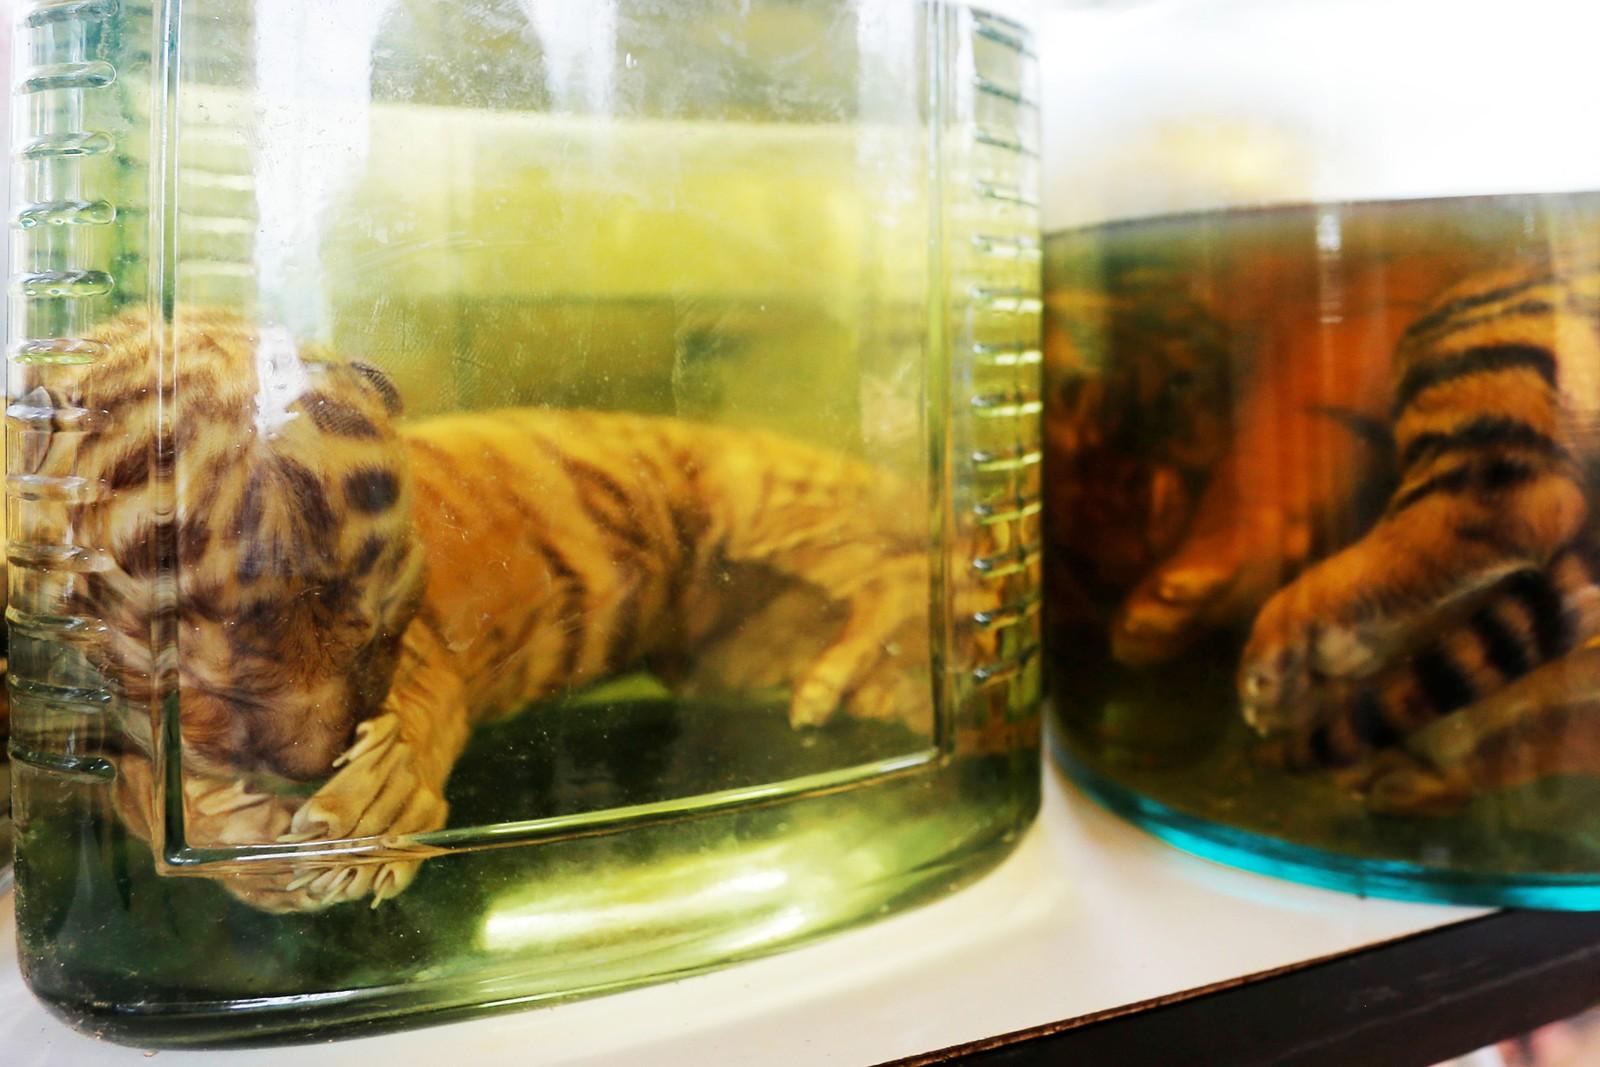 Tjenestemennene som rydder i det kontroversielle tigertemplet i Kanchanaburi-provinsen i Thailand fant tigerungeskrotter i krukker fylt med væske, 3. juni, 2016.